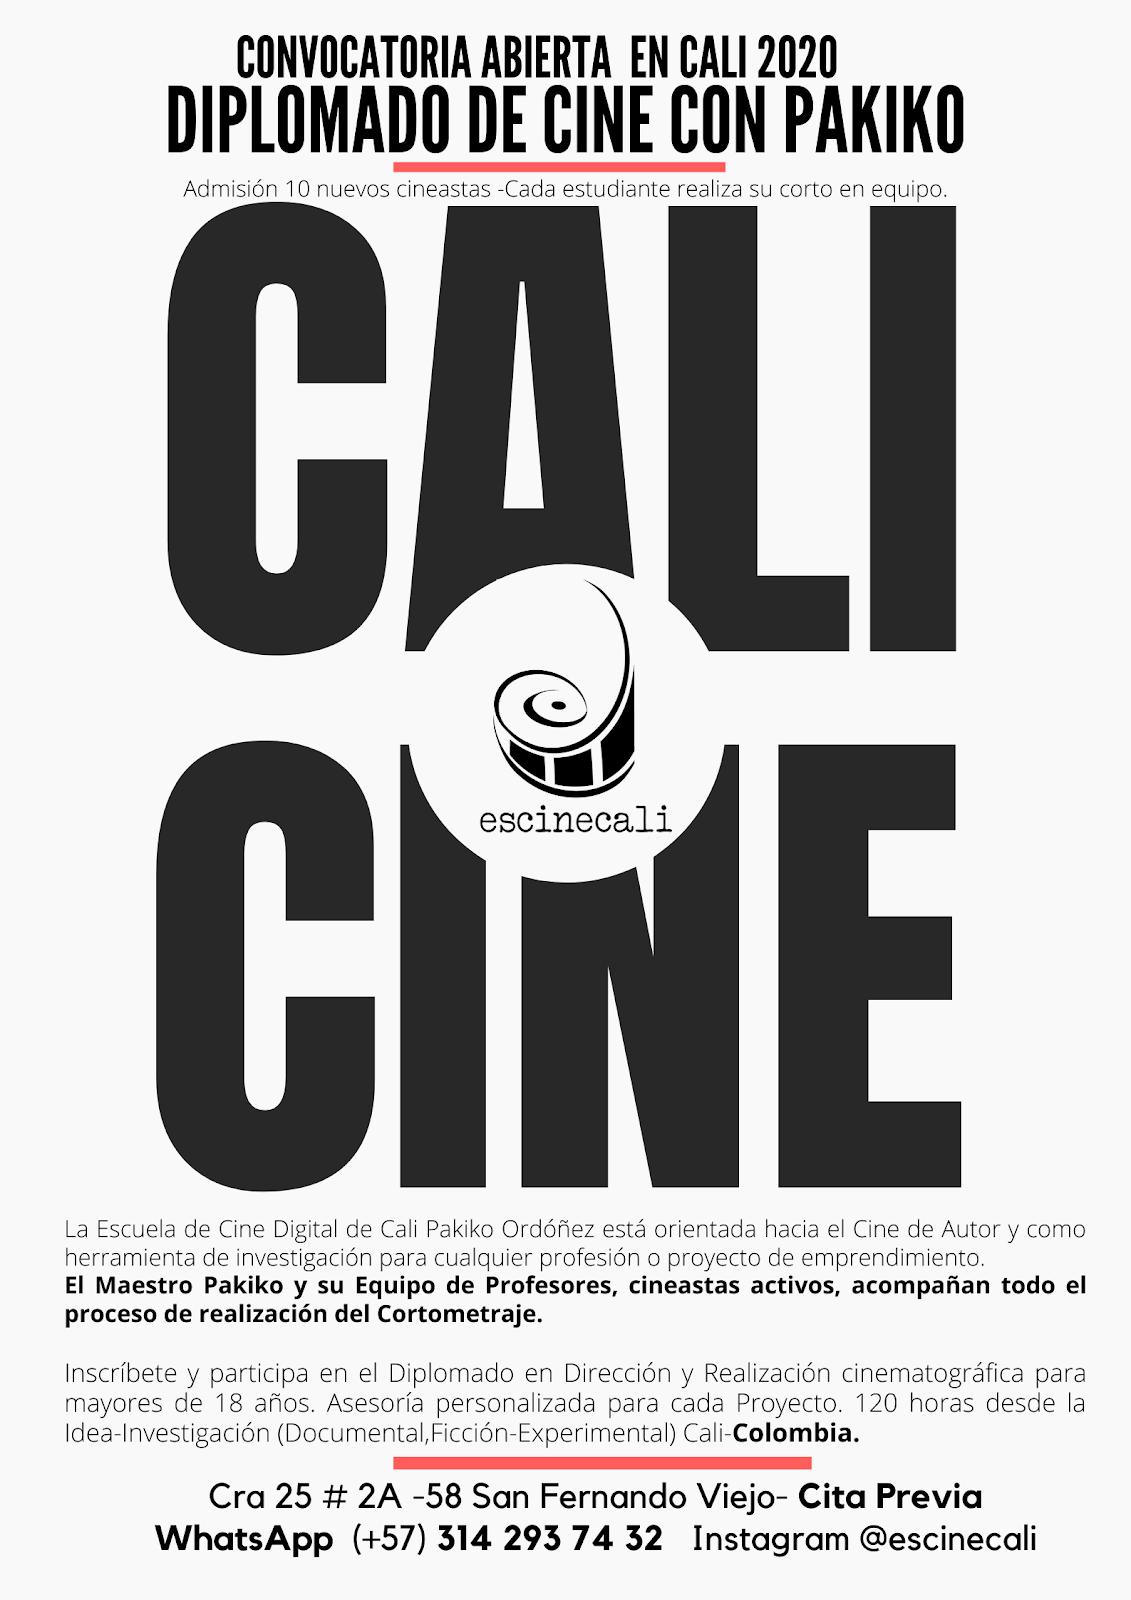 Somos Cultivadores de Memoria, Historia y Patrimonio Audiovisual en Colombia.